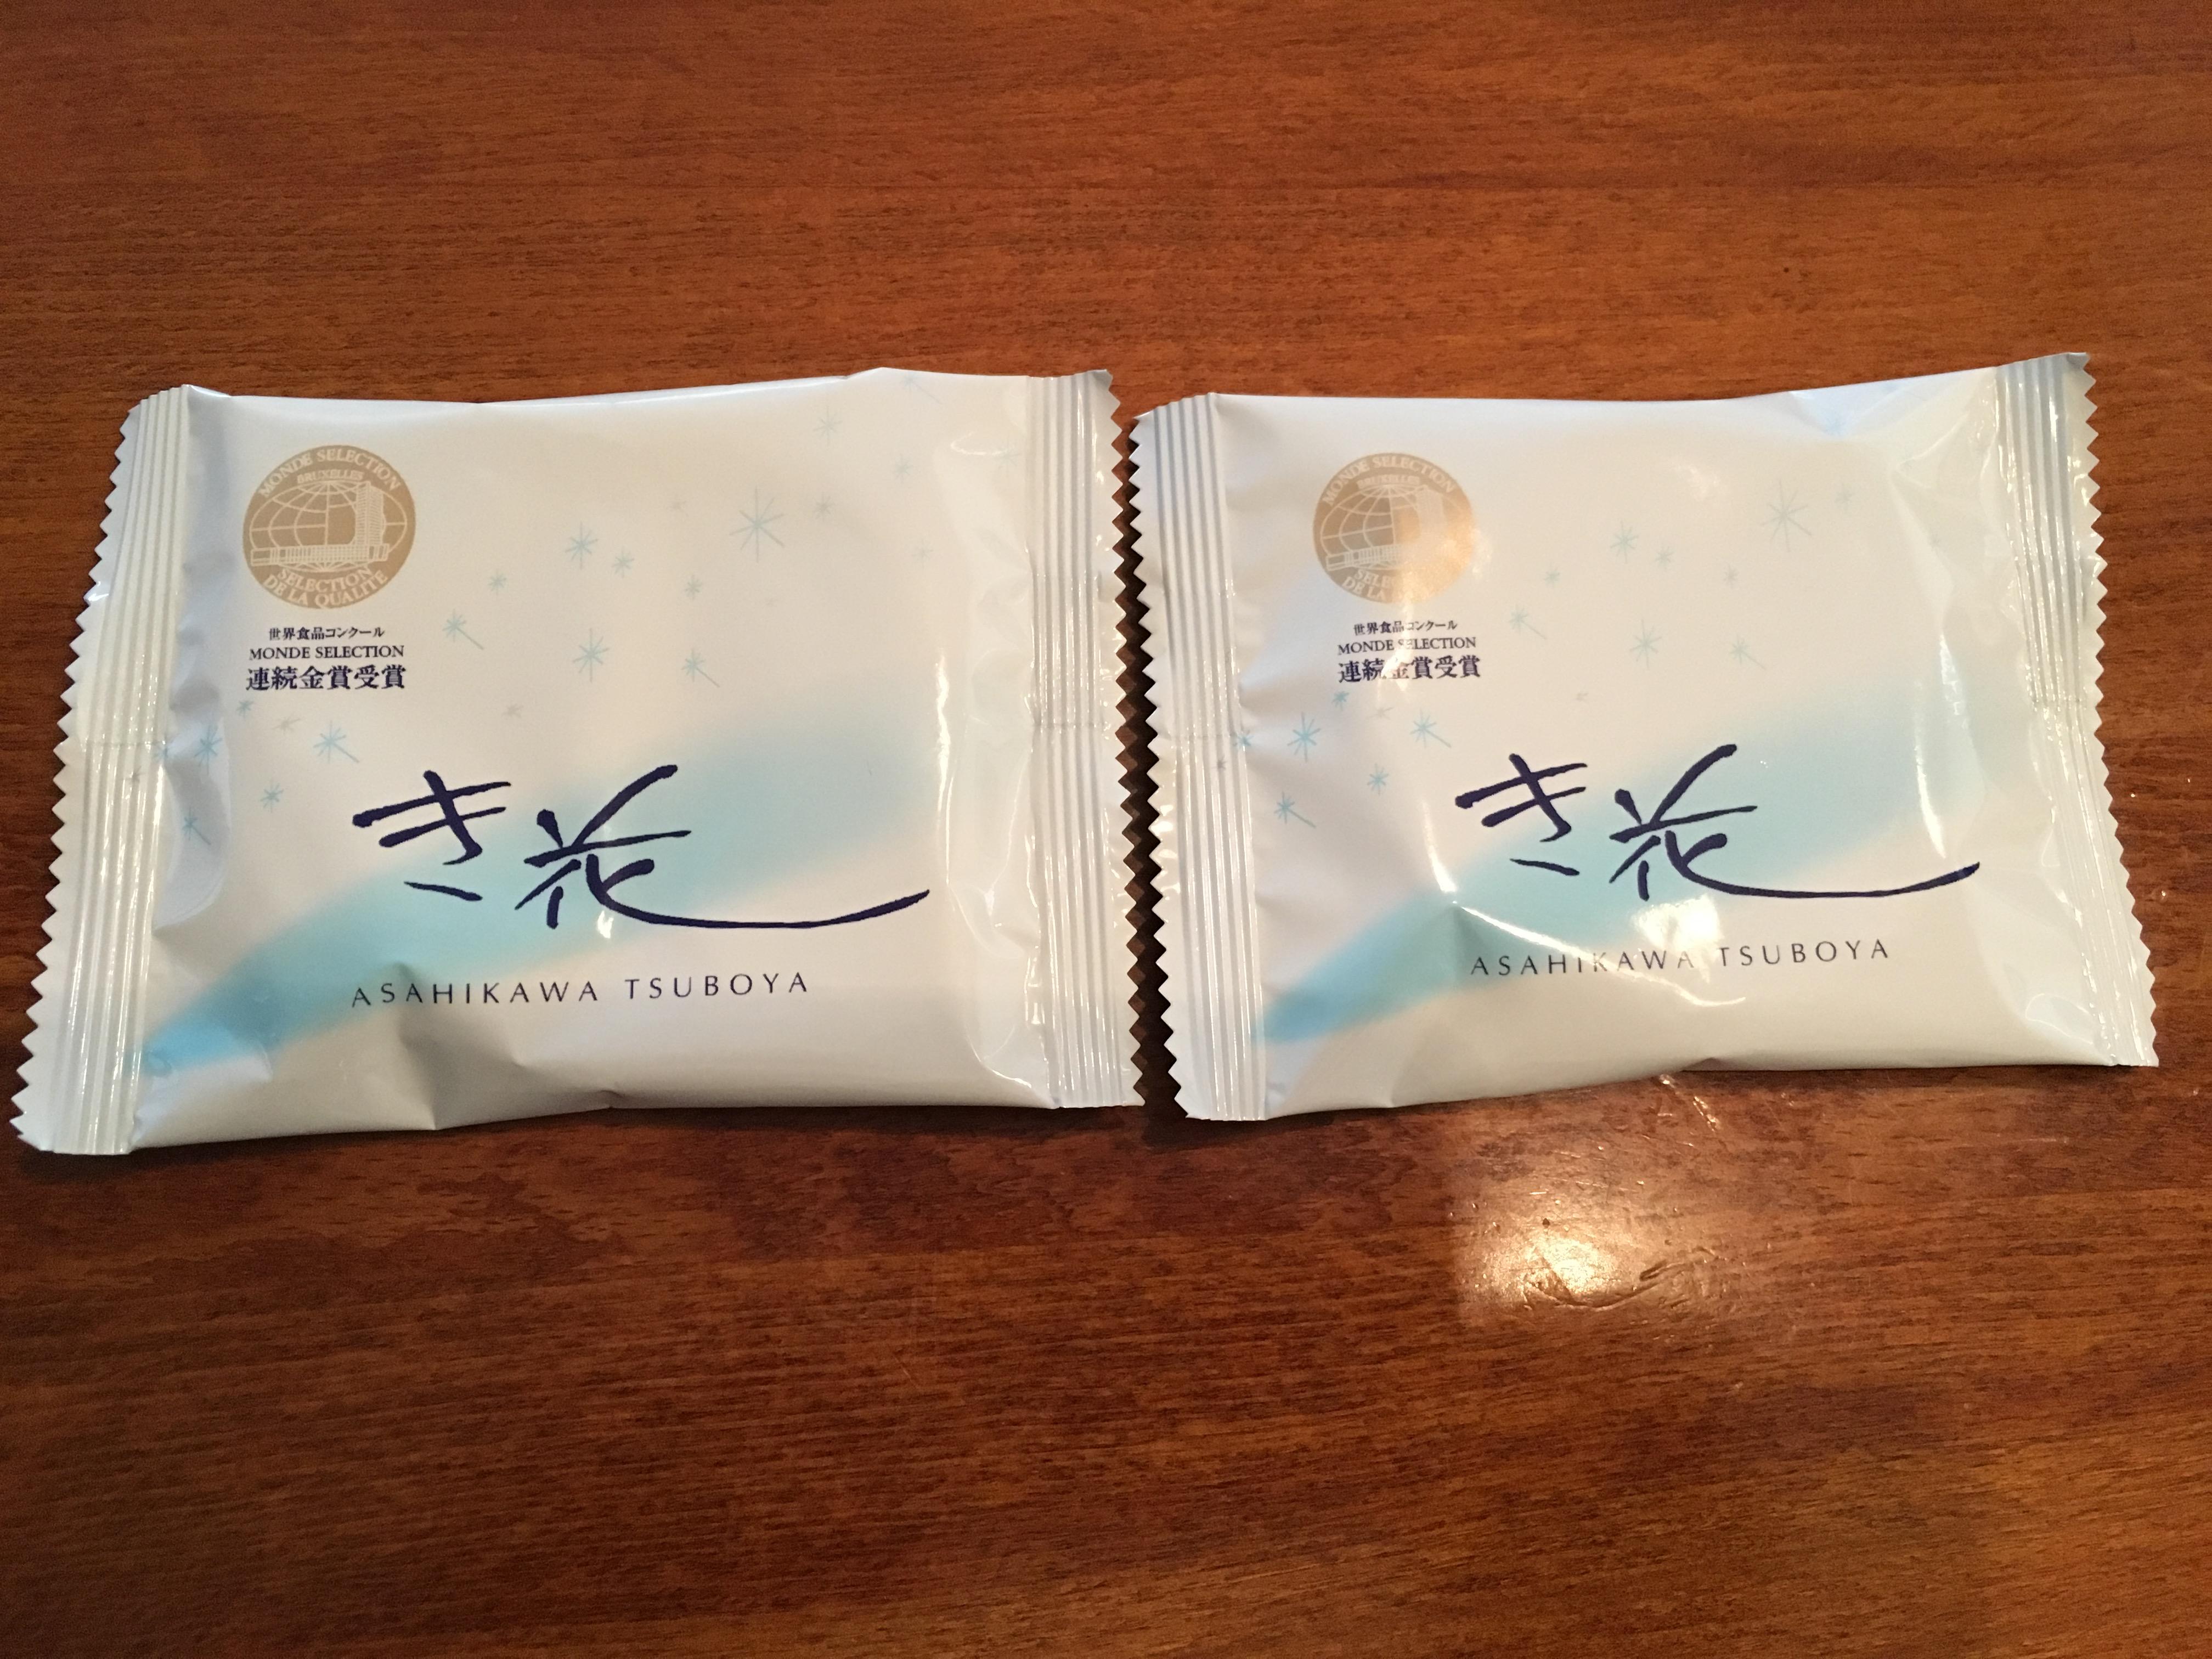 北海道にある壺屋総本店のき花と有名な白い恋人を比較。主な違いは?